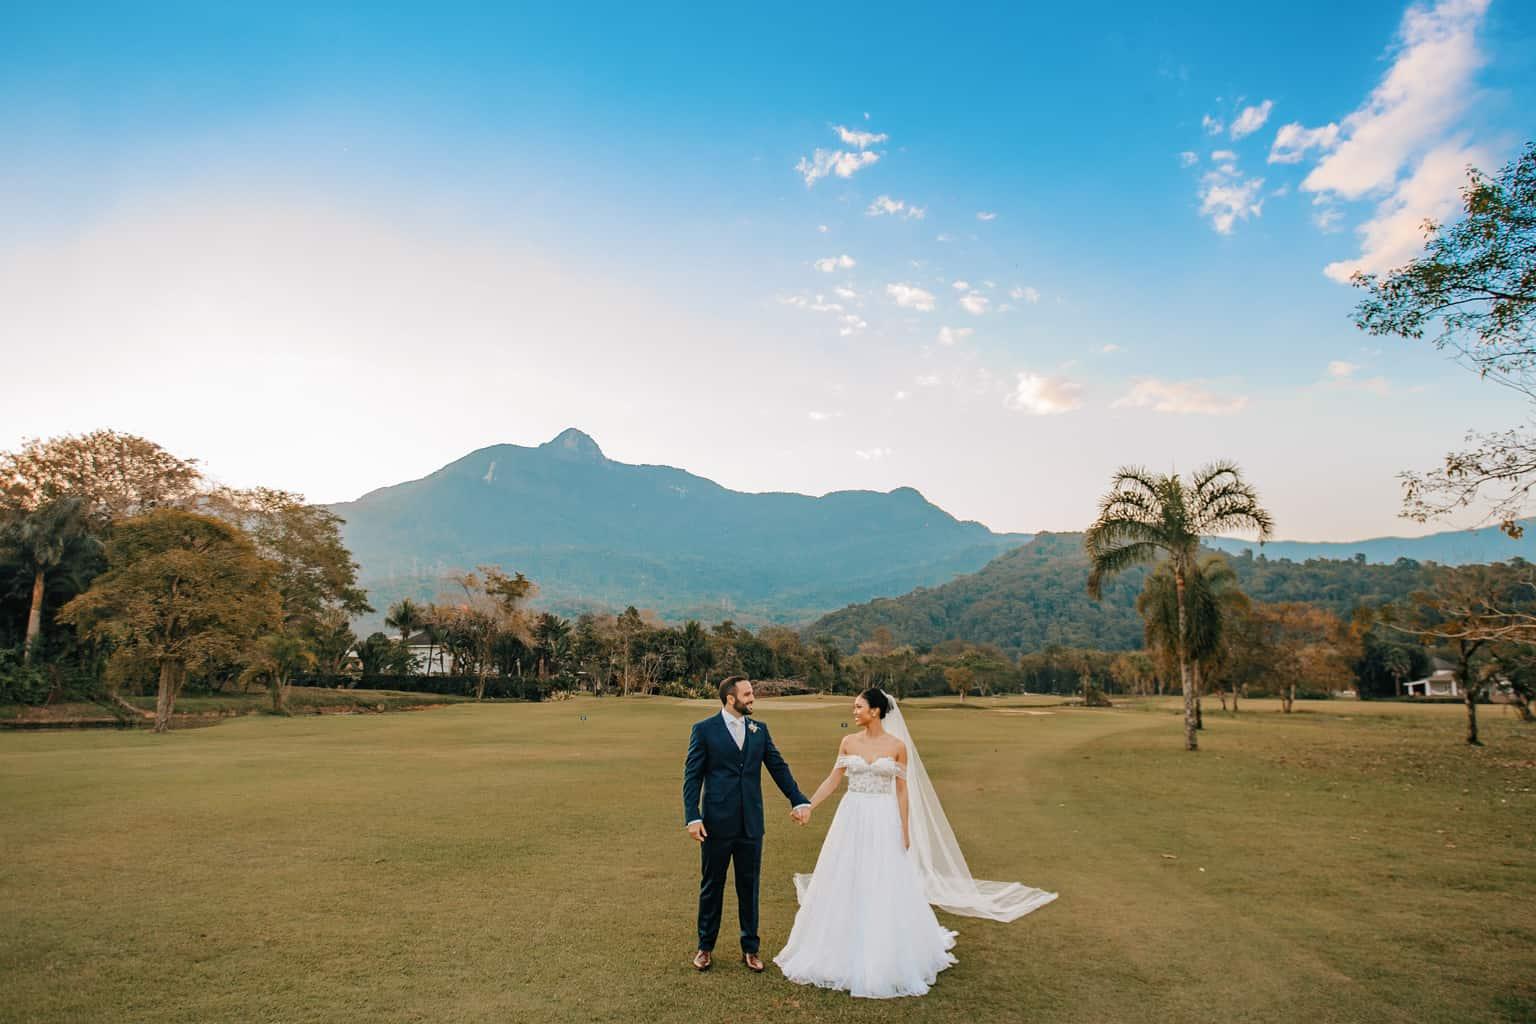 Casamento-Alissa-e-Gustavo-Cerimonial-Manu-Goncalez-Decor-Andrea-Kapps-Fasano-Angra-dos-Reis-Foto-VRebel-fotos-do-casal3607